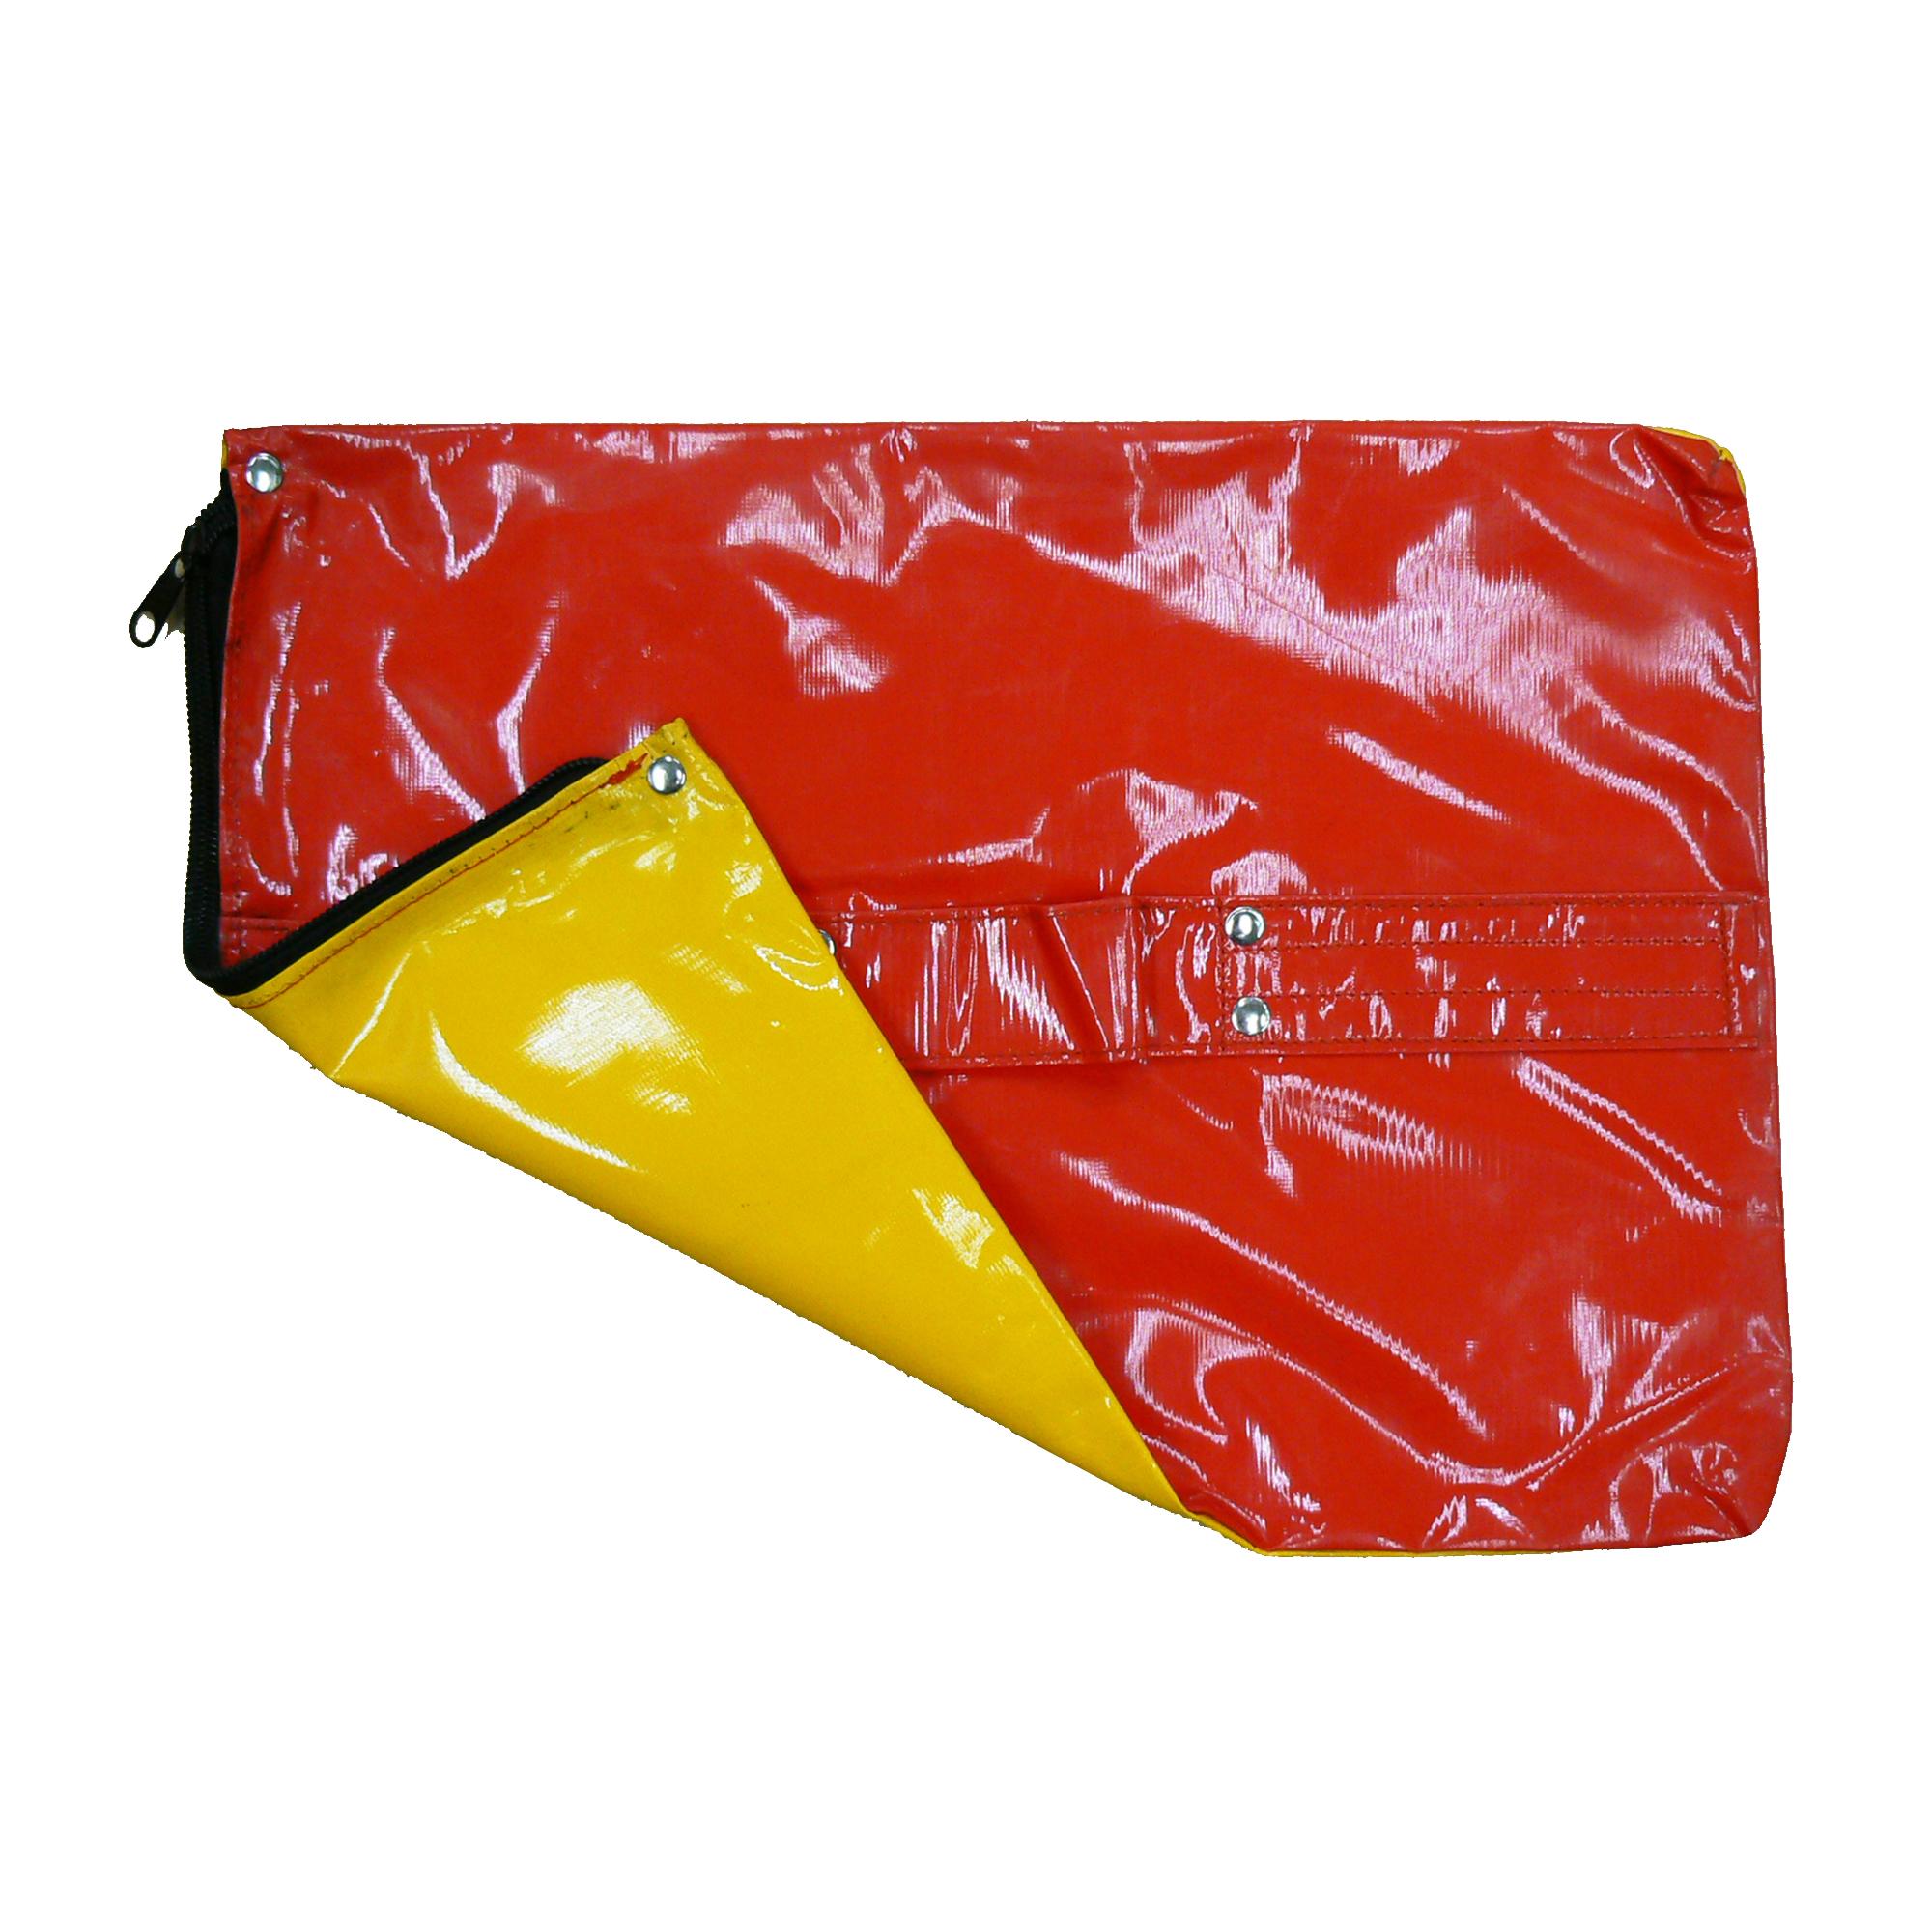 矢印板用重し(赤/黄) 390×305